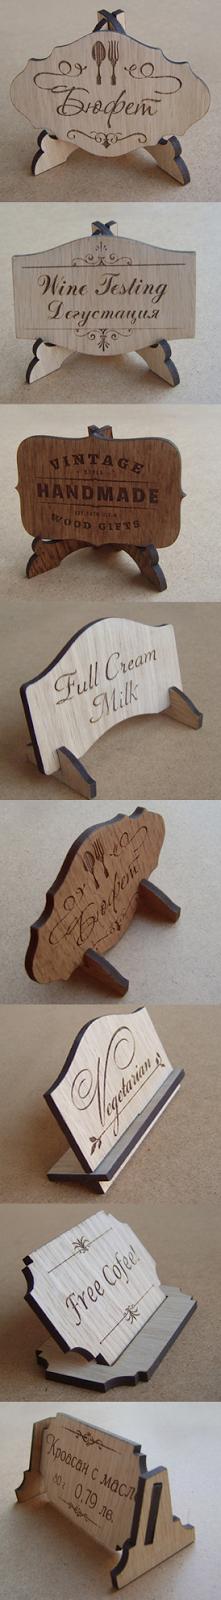 Елегантни дървени мини табелки за блок маса - подходящи за бюфет, кетъринг, дегустации